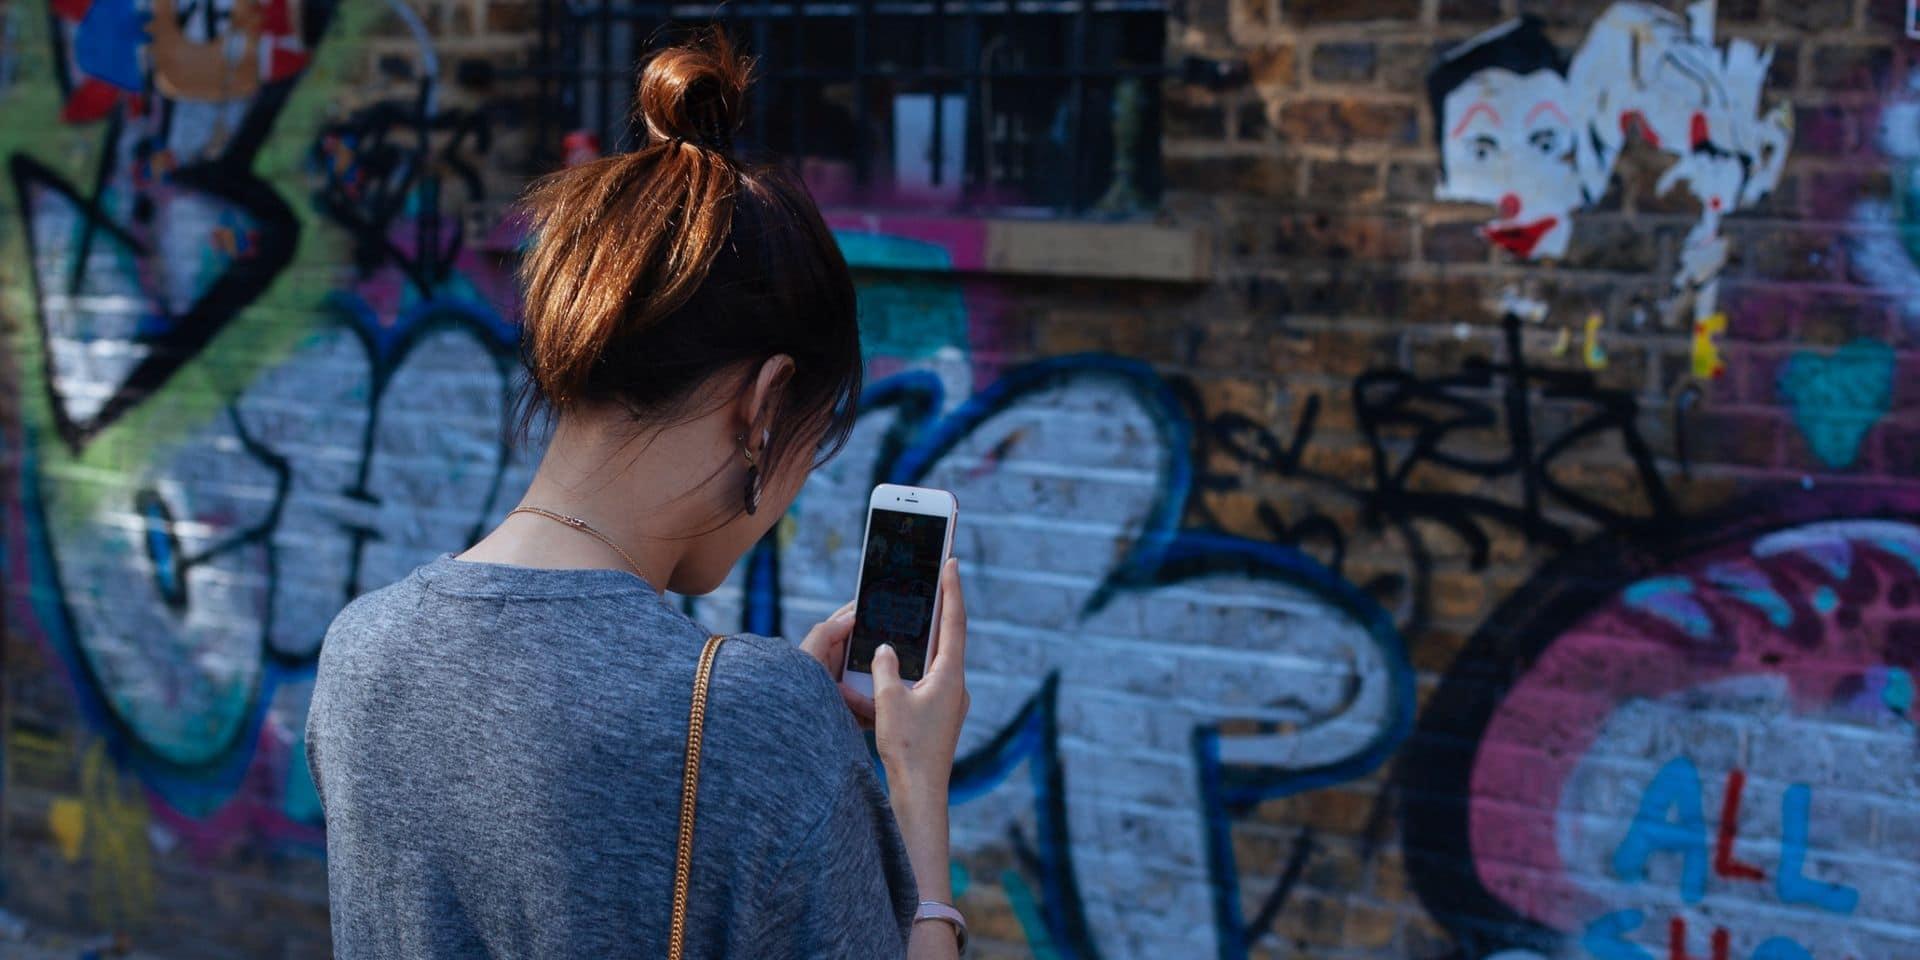 Le suivi numérique des citoyens : un pacte avec le diable ?